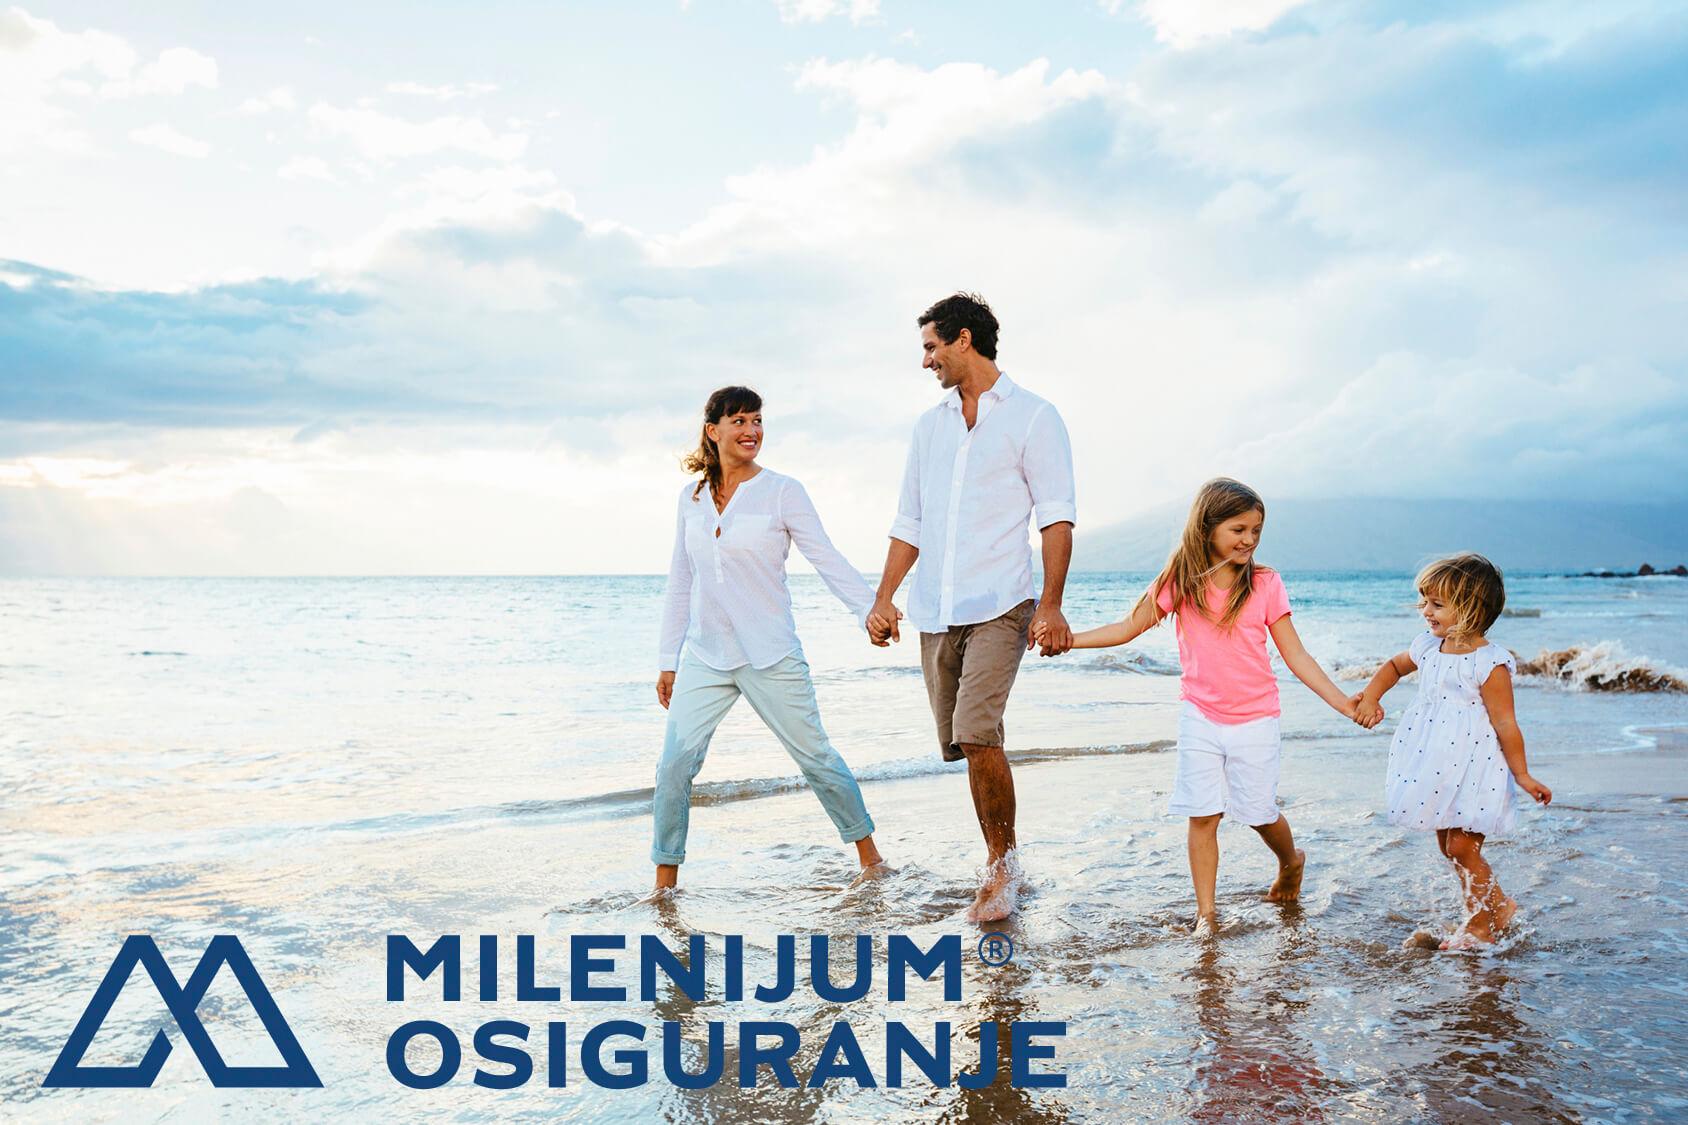 Milenium osiguranje